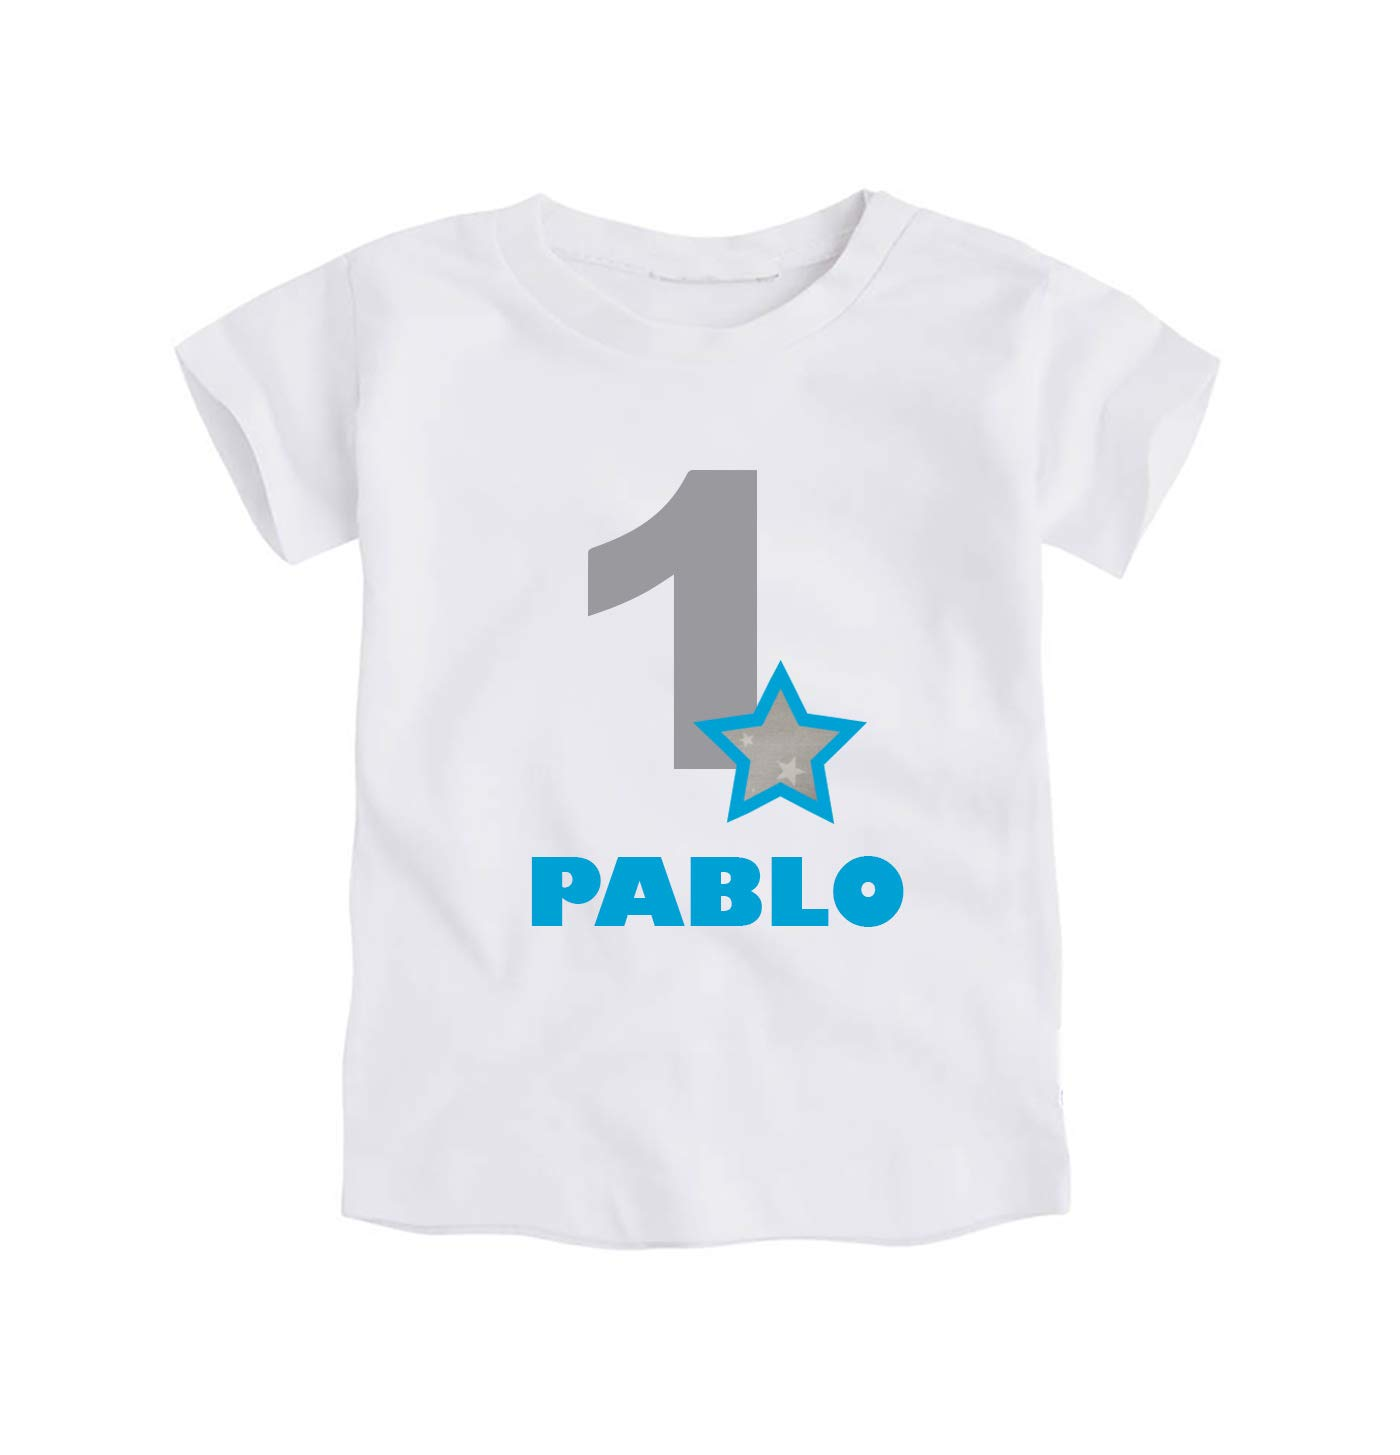 Camiseta o Body Primer Cumpleañ os 1 Añ o/Personalizado con el Nombre/para Bebes Niñ os/Color Gris y Azul Turquesa